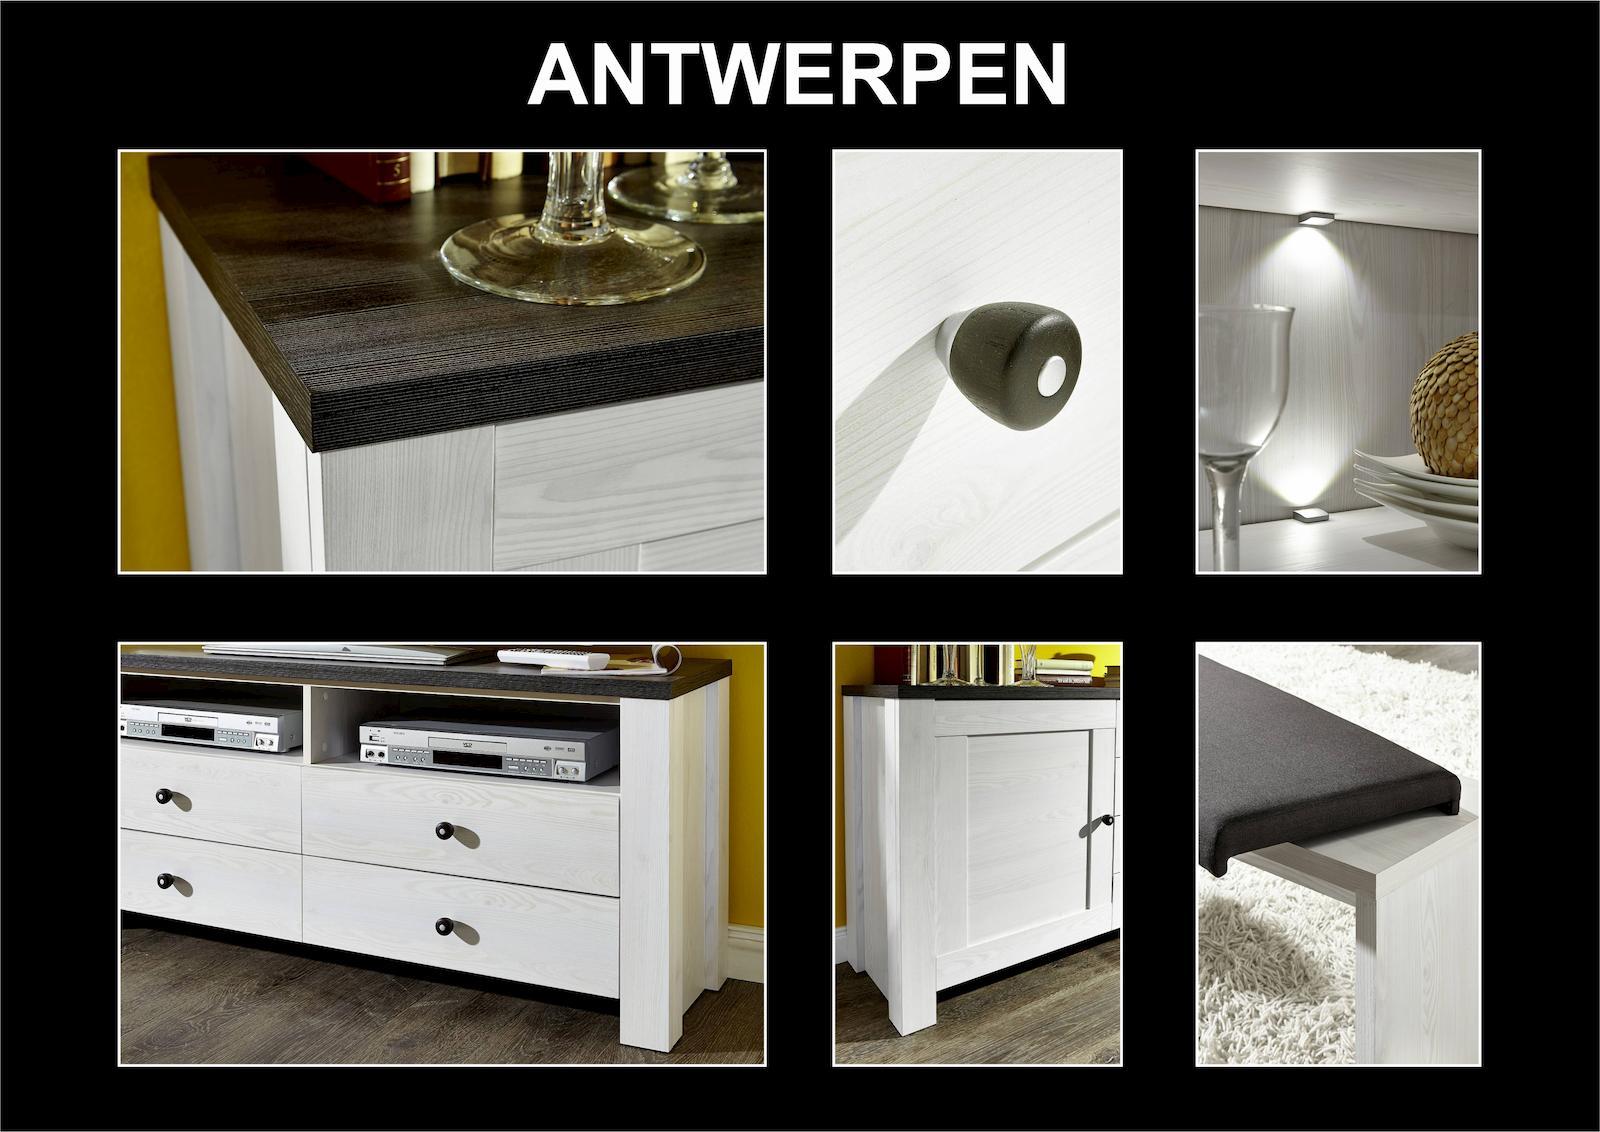 antwerpen wohnzimmerschrank schrank wohnzimmer stauraum. Black Bedroom Furniture Sets. Home Design Ideas